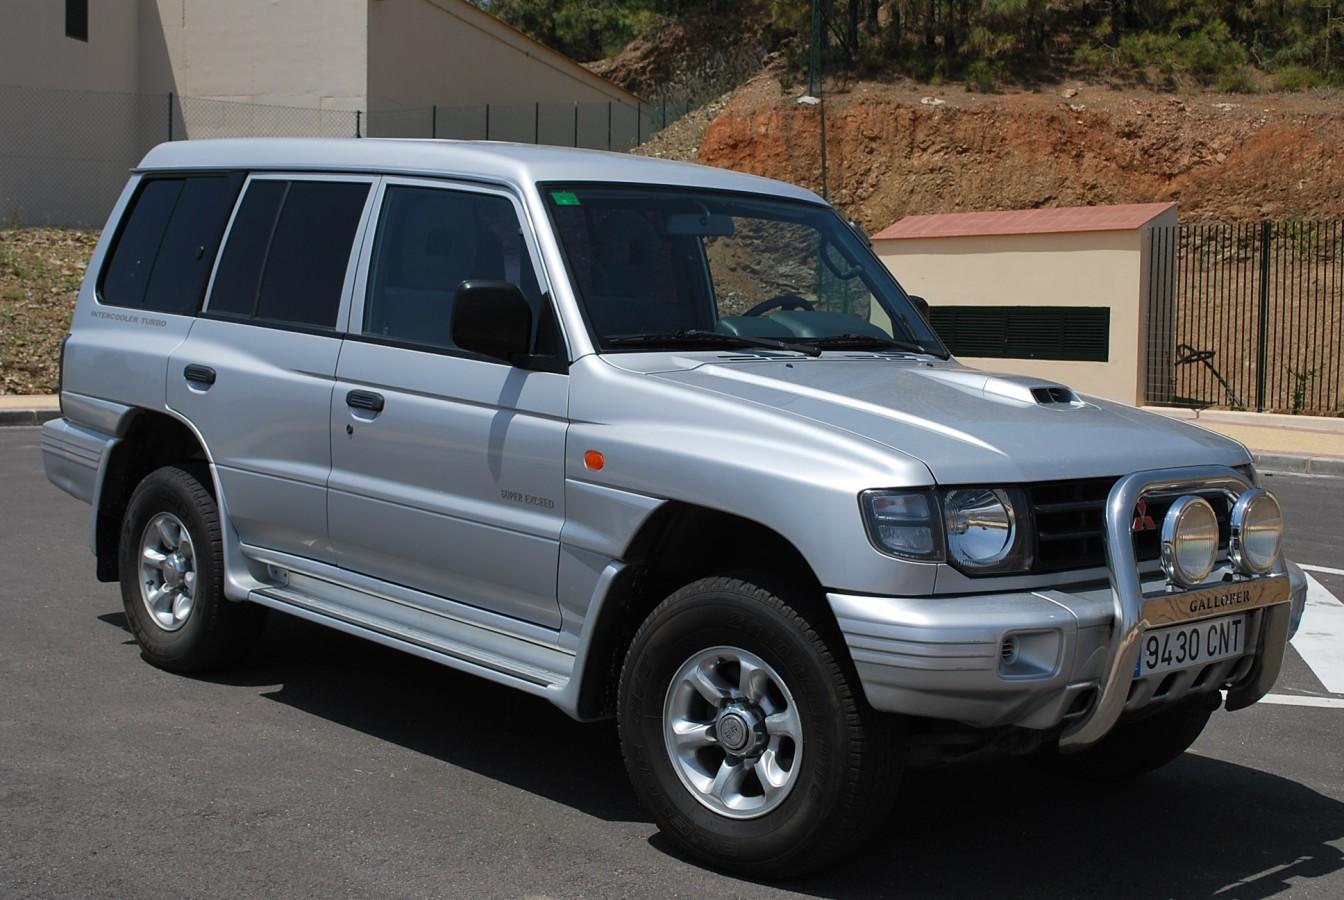 2003 Mitsubishi Pajero 5 Doors